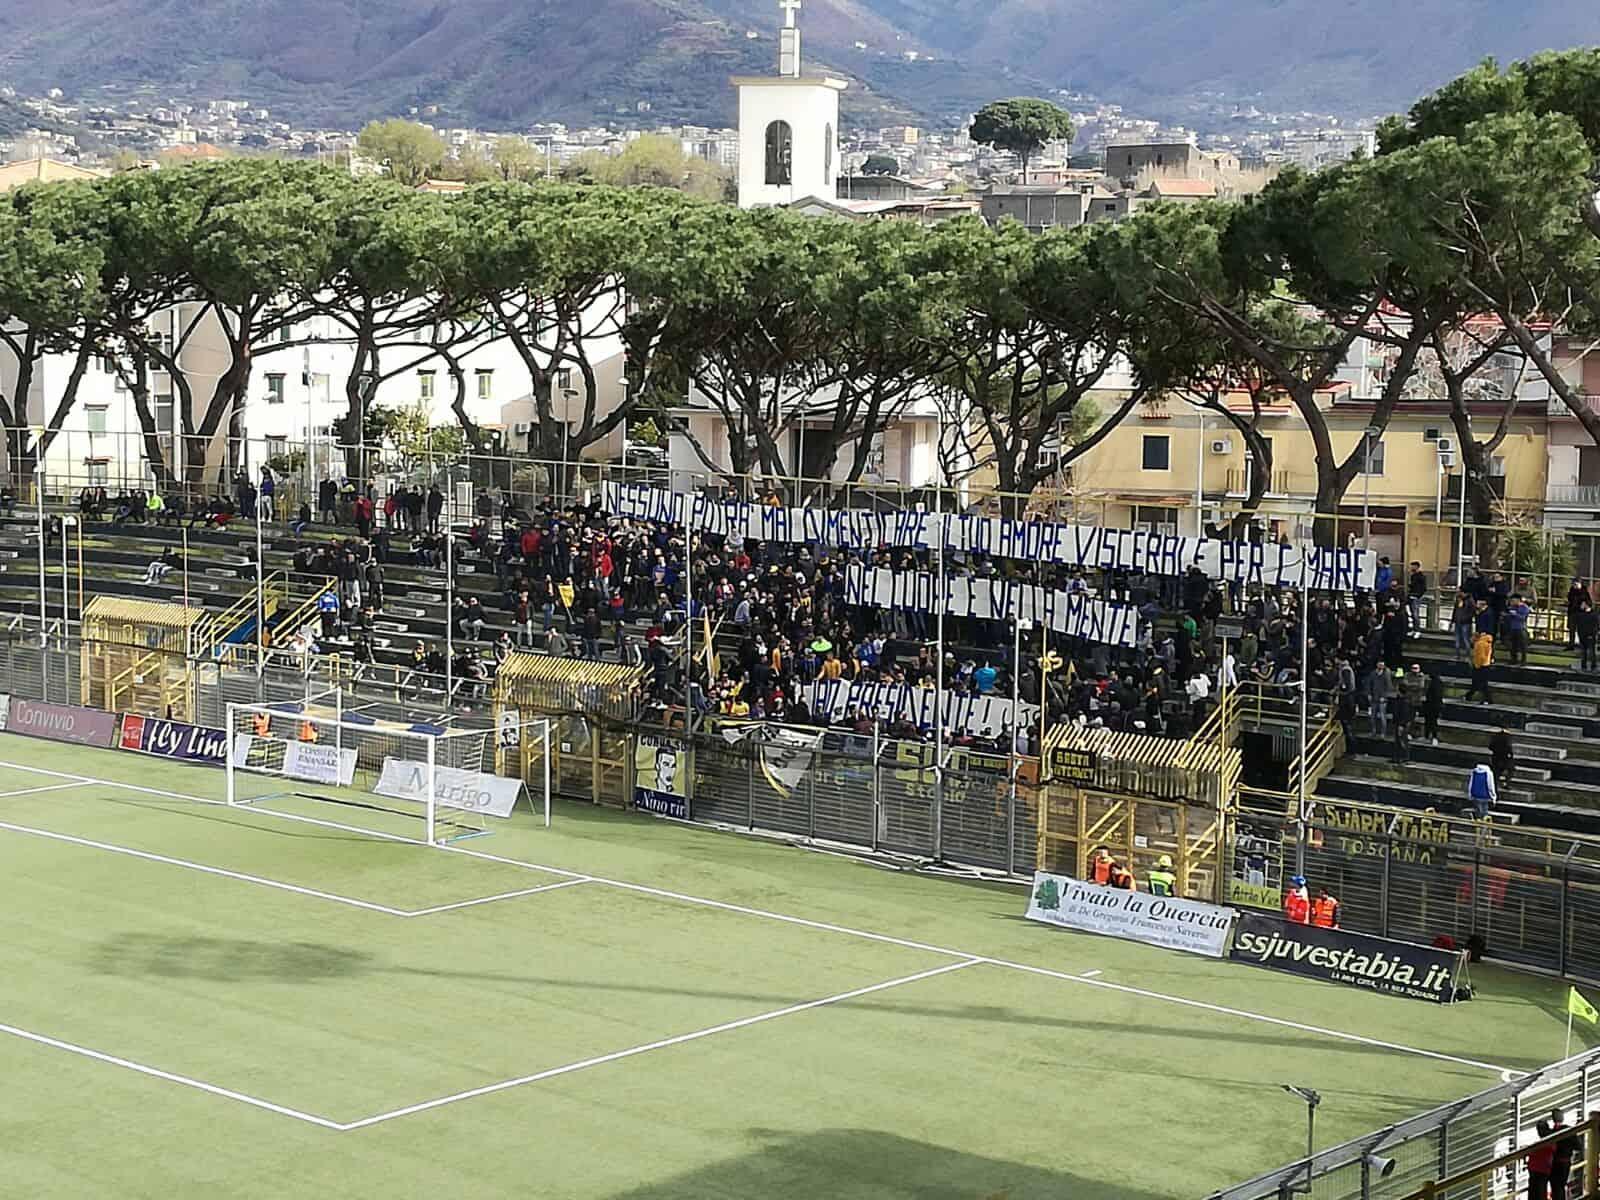 Juve Stabia-Paganese restituisce una sqaudra in crisi che è quella gialloblù. Ecco com'è andata ne derby casalingo contro i vicini di Pagani